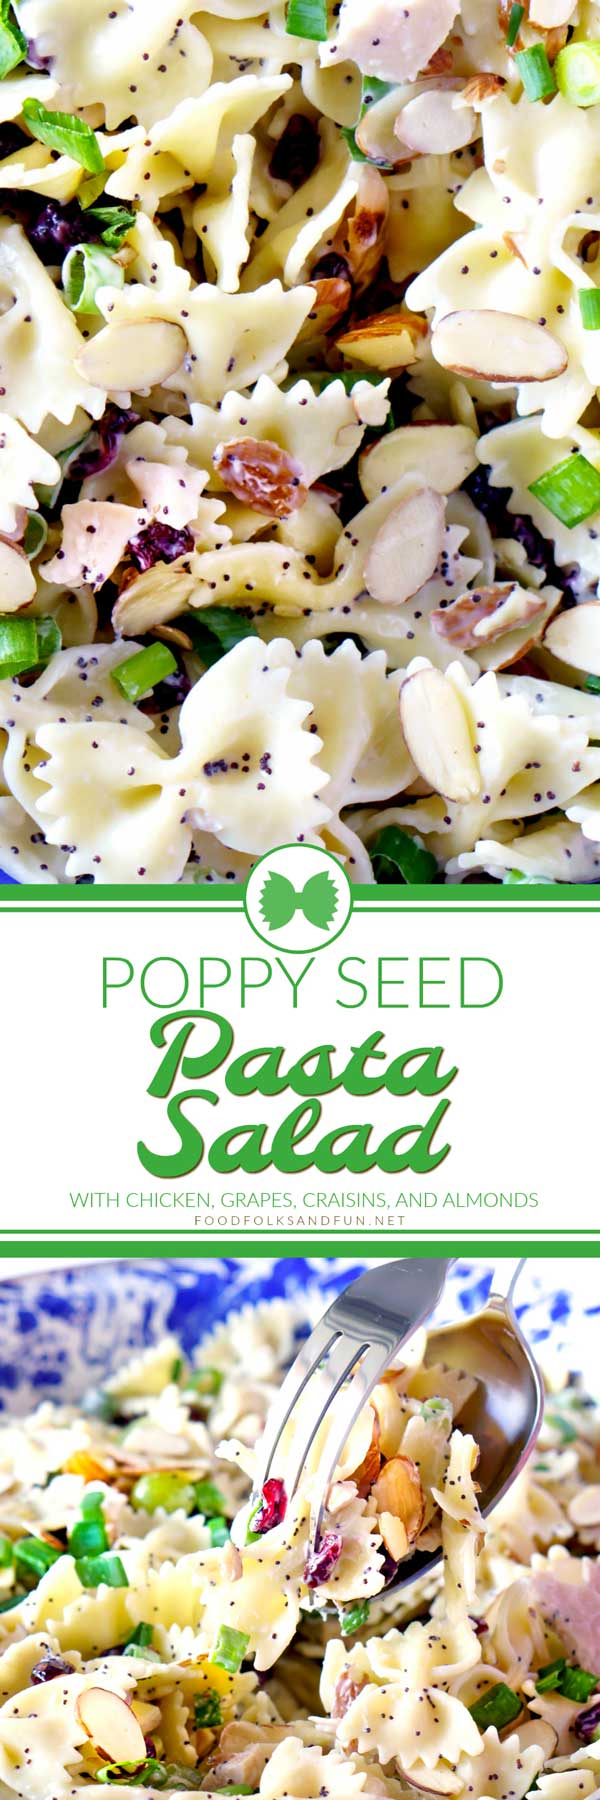 Summer dinner recipe for Poppy Seed Pasta Salad